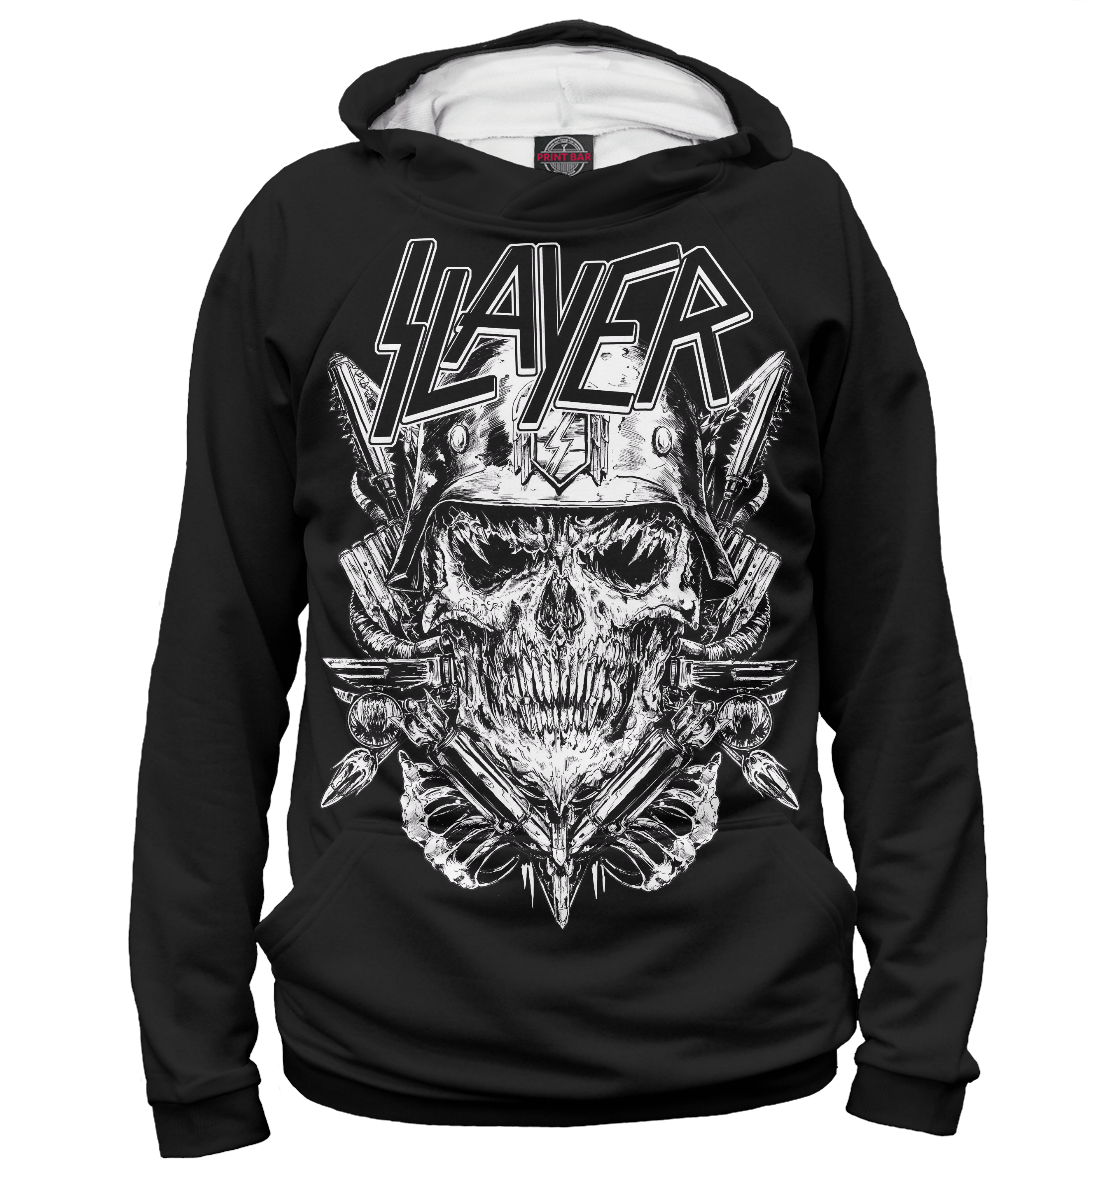 Купить Slayer, Printbar, Худи, MZK-545273-hud-1